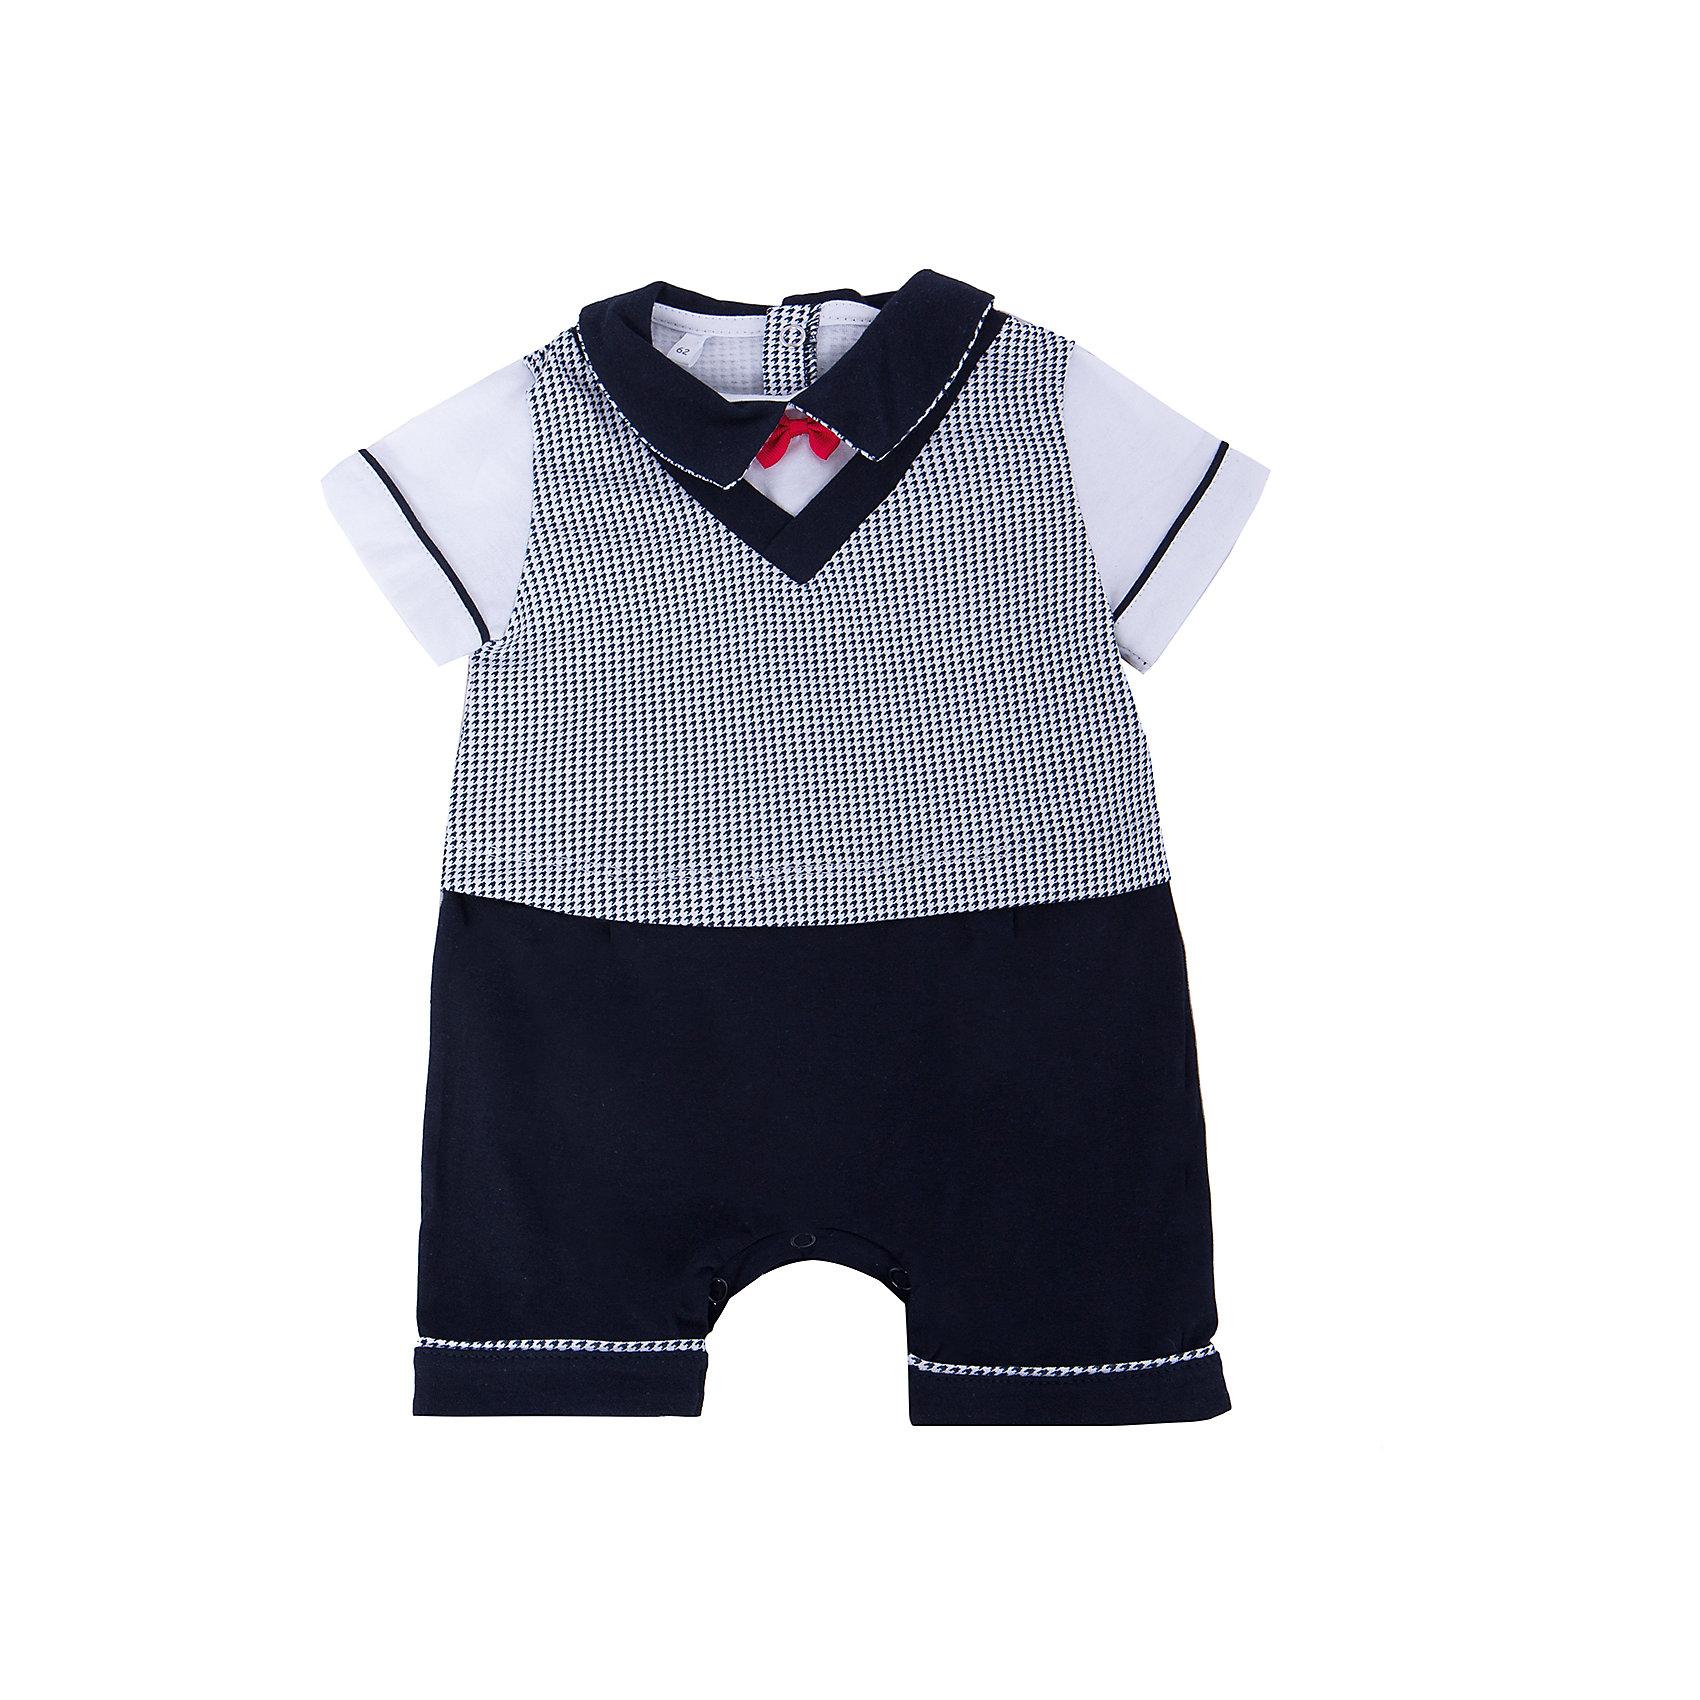 Песочник для мальчика Soni KidsПесочник для мальчика от популярной марки Soni Kids <br> <br>Нарядный и удобный песочник в черно-белой гамме сшит из мягкого дышащего хлопка. Это гипоаллергенный материал, который отлично подходит для детской одежды. Правильный крой обеспечит ребенку удобство, не будет натирать и стеснять движения. <br> <br>Особенности модели: <br> <br>- цвет - белый, черный; <br>- материал - натуральный хлопок; <br>- декорирован красным бантиком; <br>- имитация жилета и шорт; <br>- отложной воротник; <br>- рукава короткие, с отделкой; <br>- застежки - кнопки сзади и внизу. <br> <br>Дополнительная информация: <br> <br>Состав: 100% хлопок <br> <br>Песочник для мальчика от популярной марки Soni Kids (Сони Кидс) можно купить в нашем магазине.<br><br>Ширина мм: 157<br>Глубина мм: 13<br>Высота мм: 119<br>Вес г: 200<br>Цвет: белый/черный<br>Возраст от месяцев: 6<br>Возраст до месяцев: 9<br>Пол: Мужской<br>Возраст: Детский<br>Размер: 74,86,80,68,62<br>SKU: 4545039